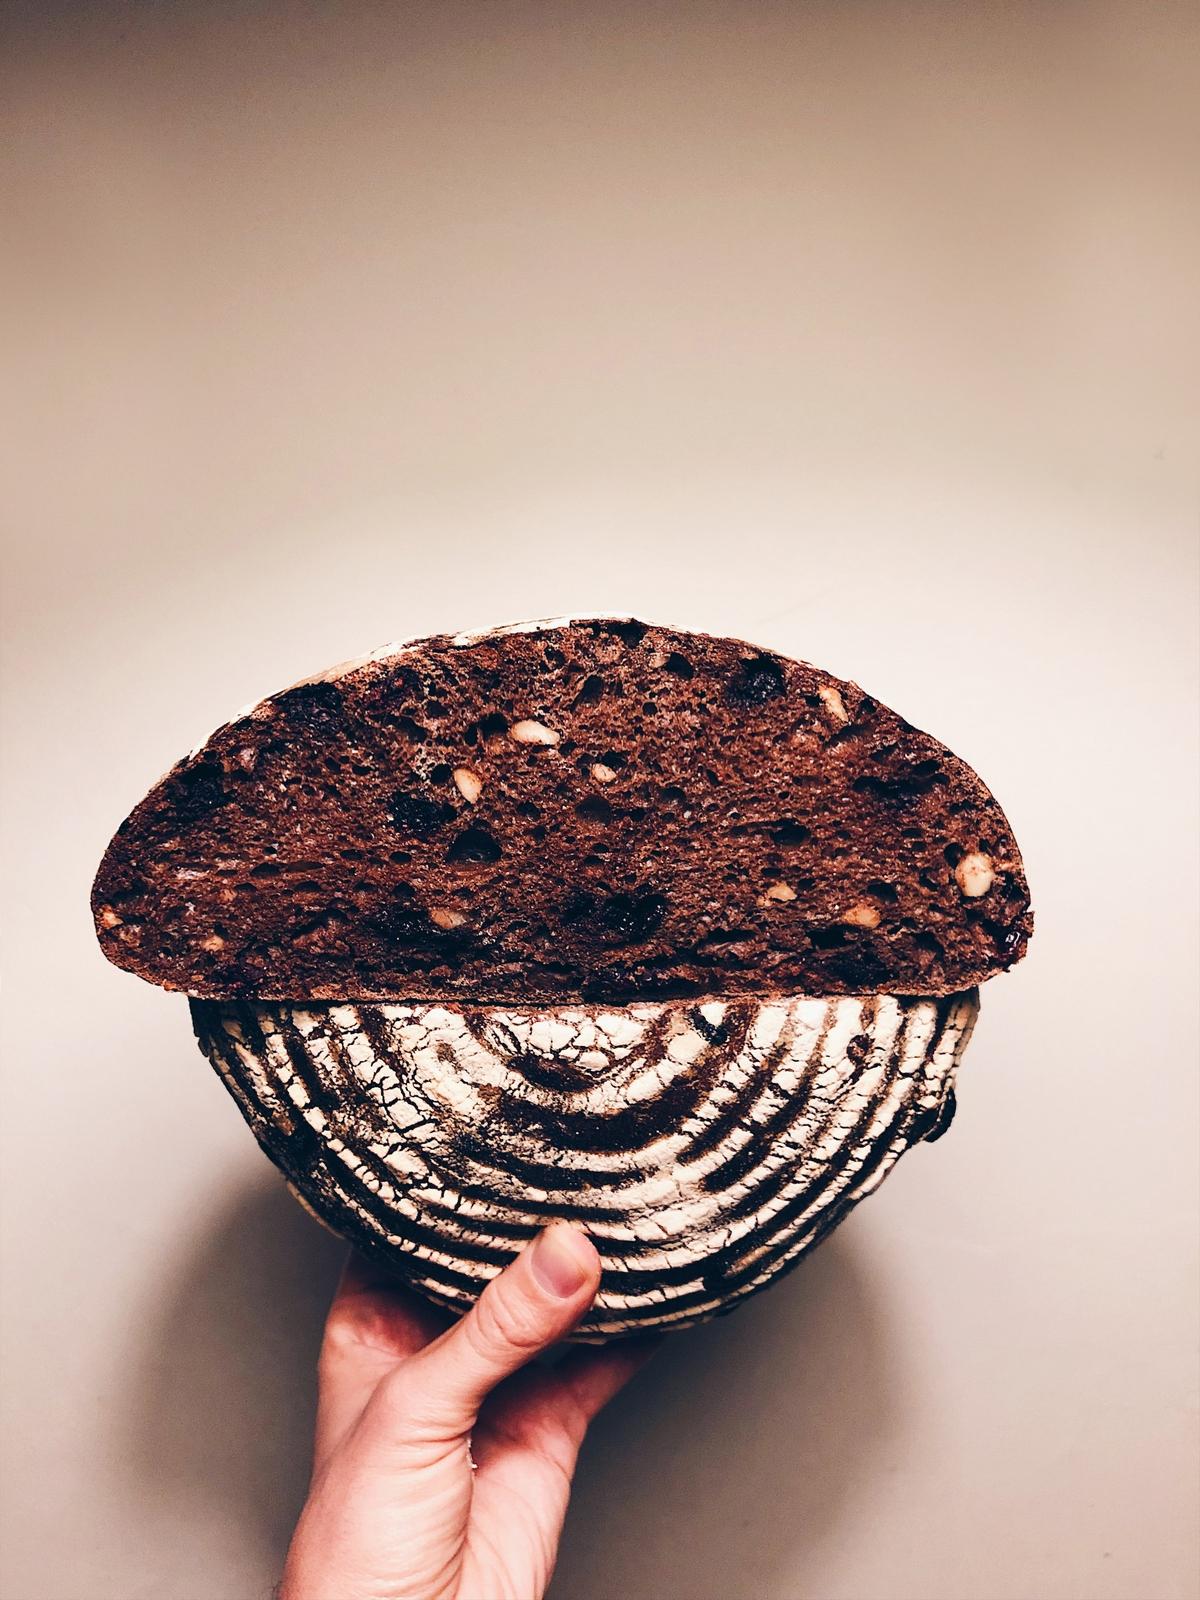 Čokoládový chlieb s kváskom lievito madre, orieškami a brusnicami